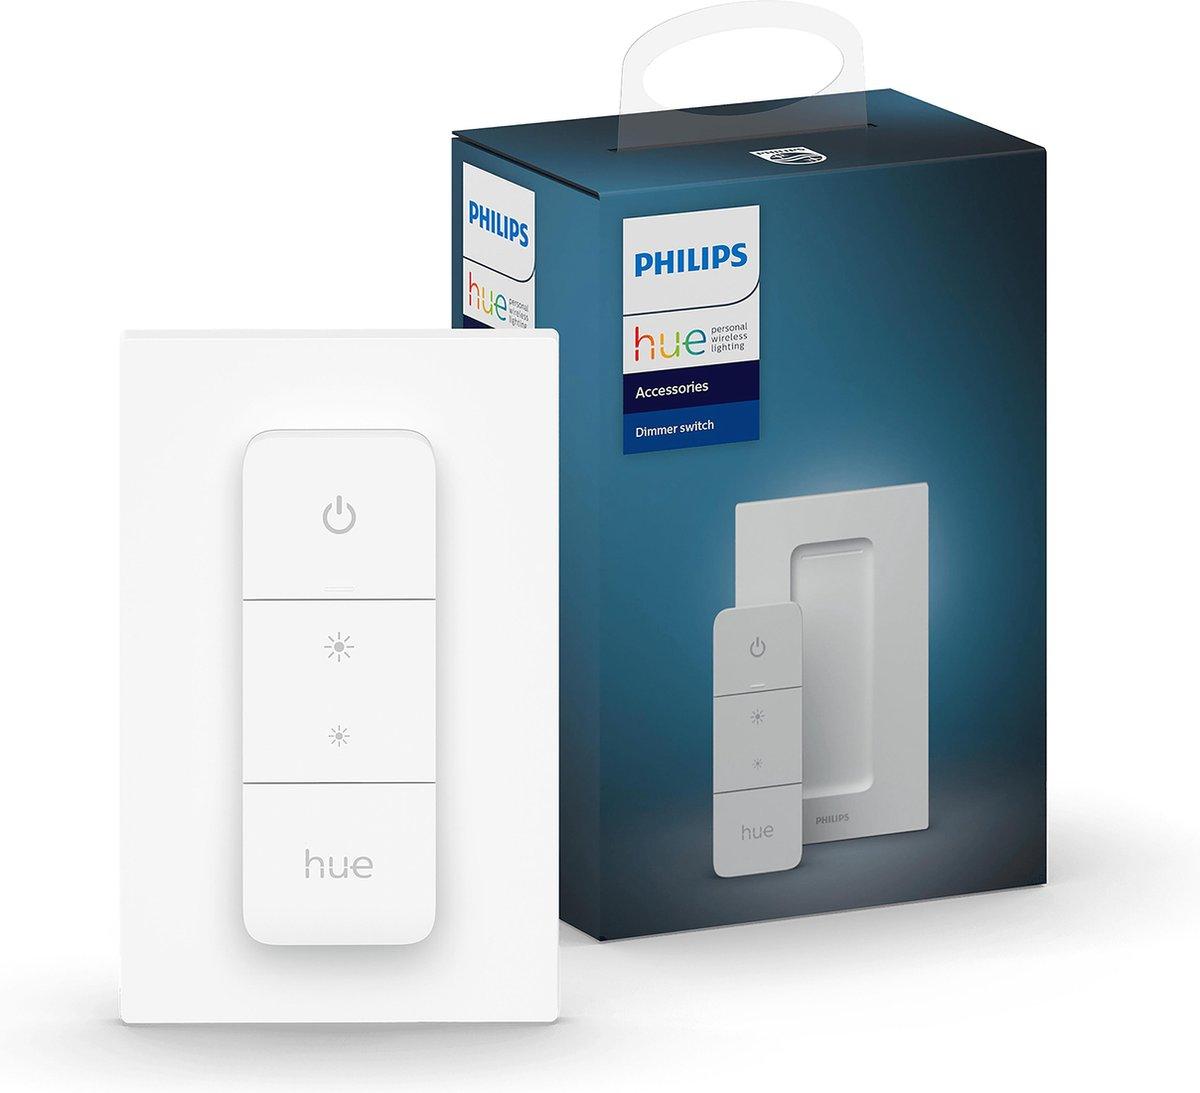 Philips Hue dimmer switch - draadloze schakelaar - Wit